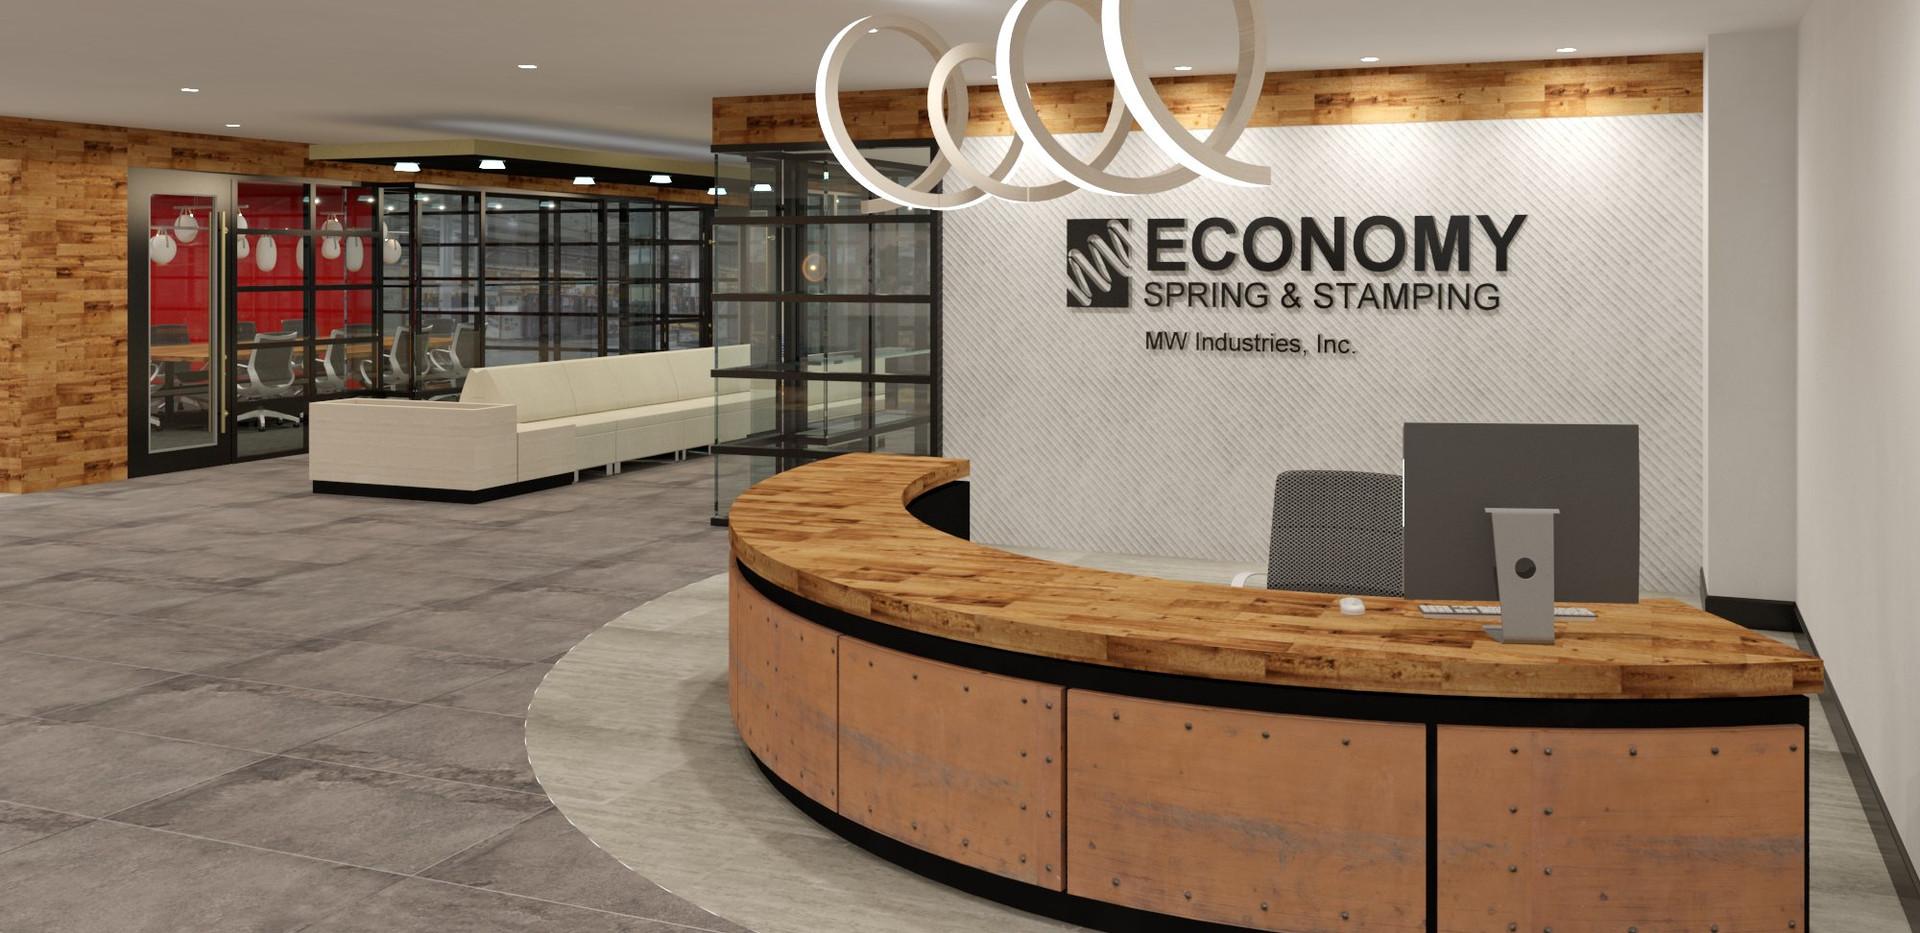 Economy Spring & Stamping